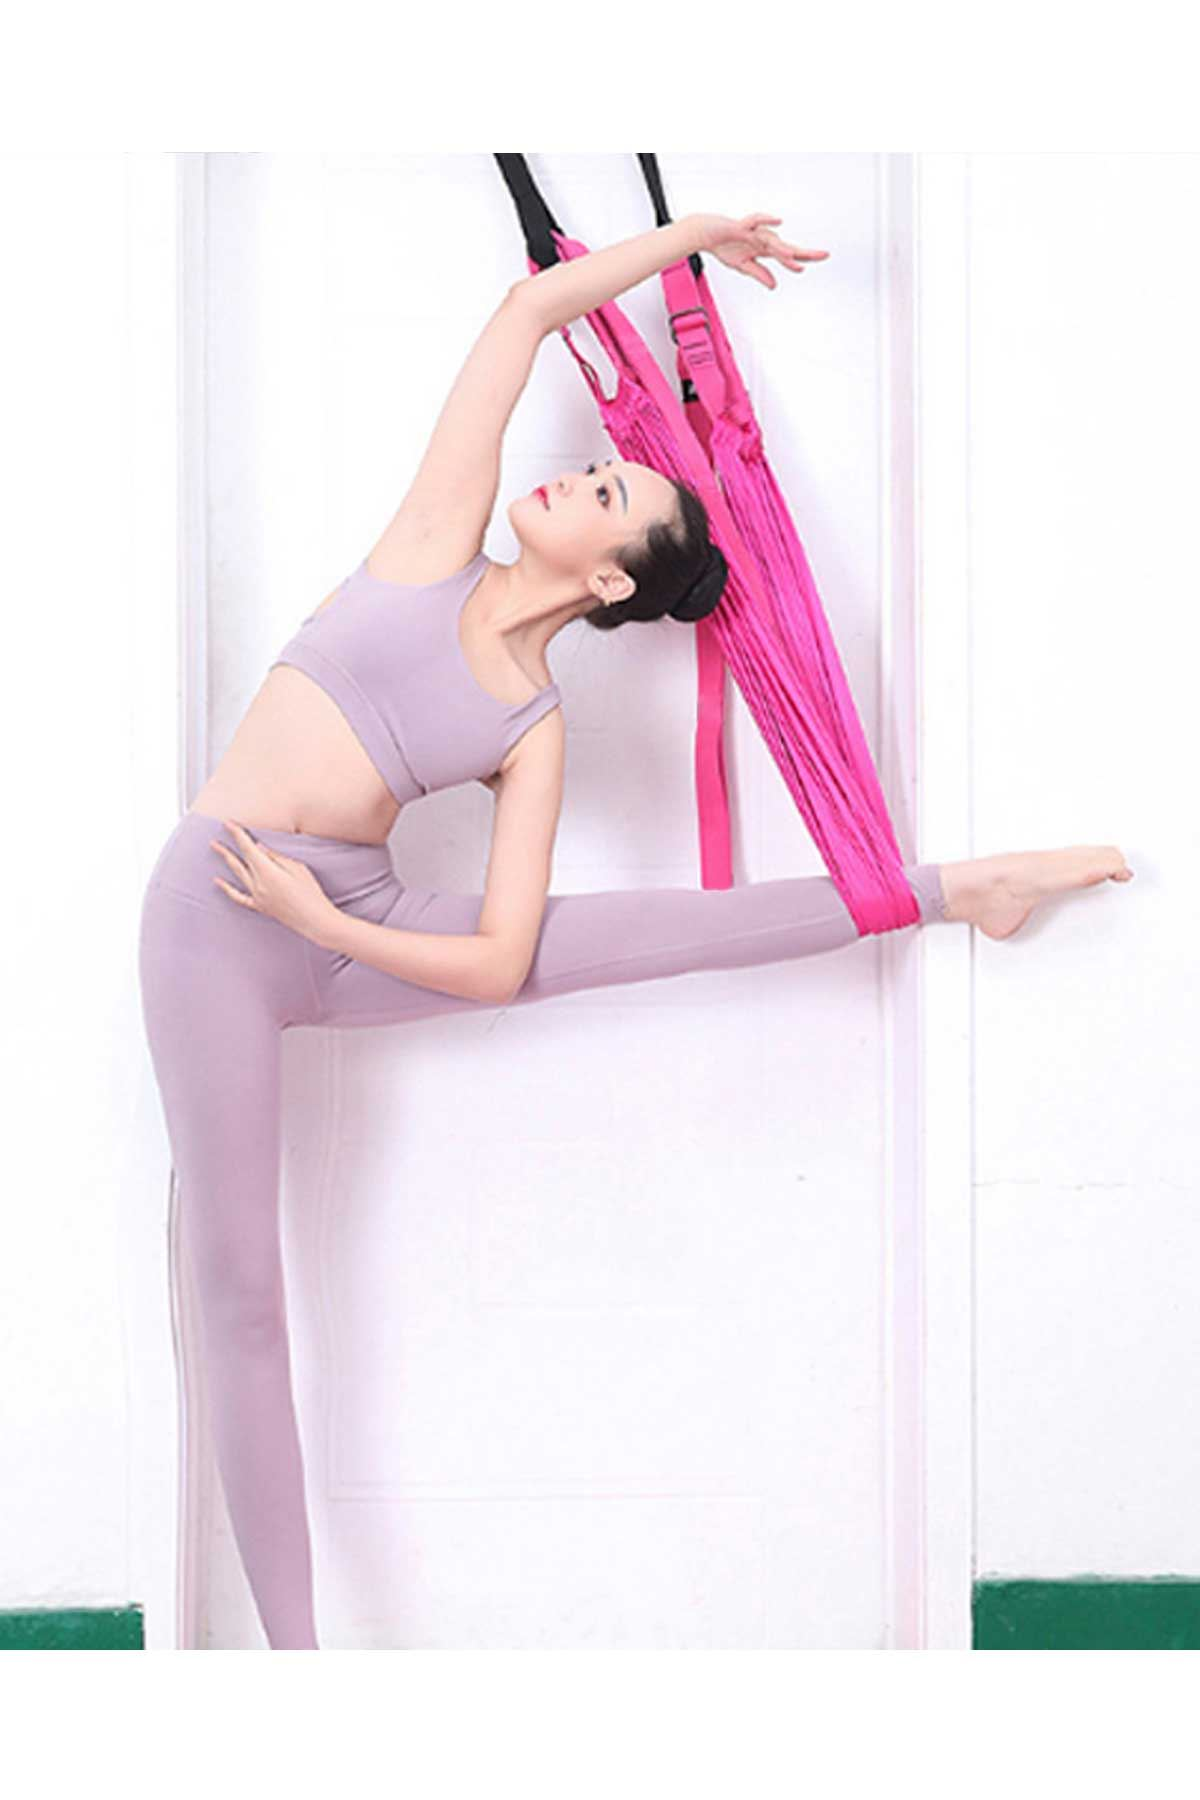 Pembe Bundera Yoga Plus Pilates Fitness Hamağı Askılı Yoga Denge Spor Aleti